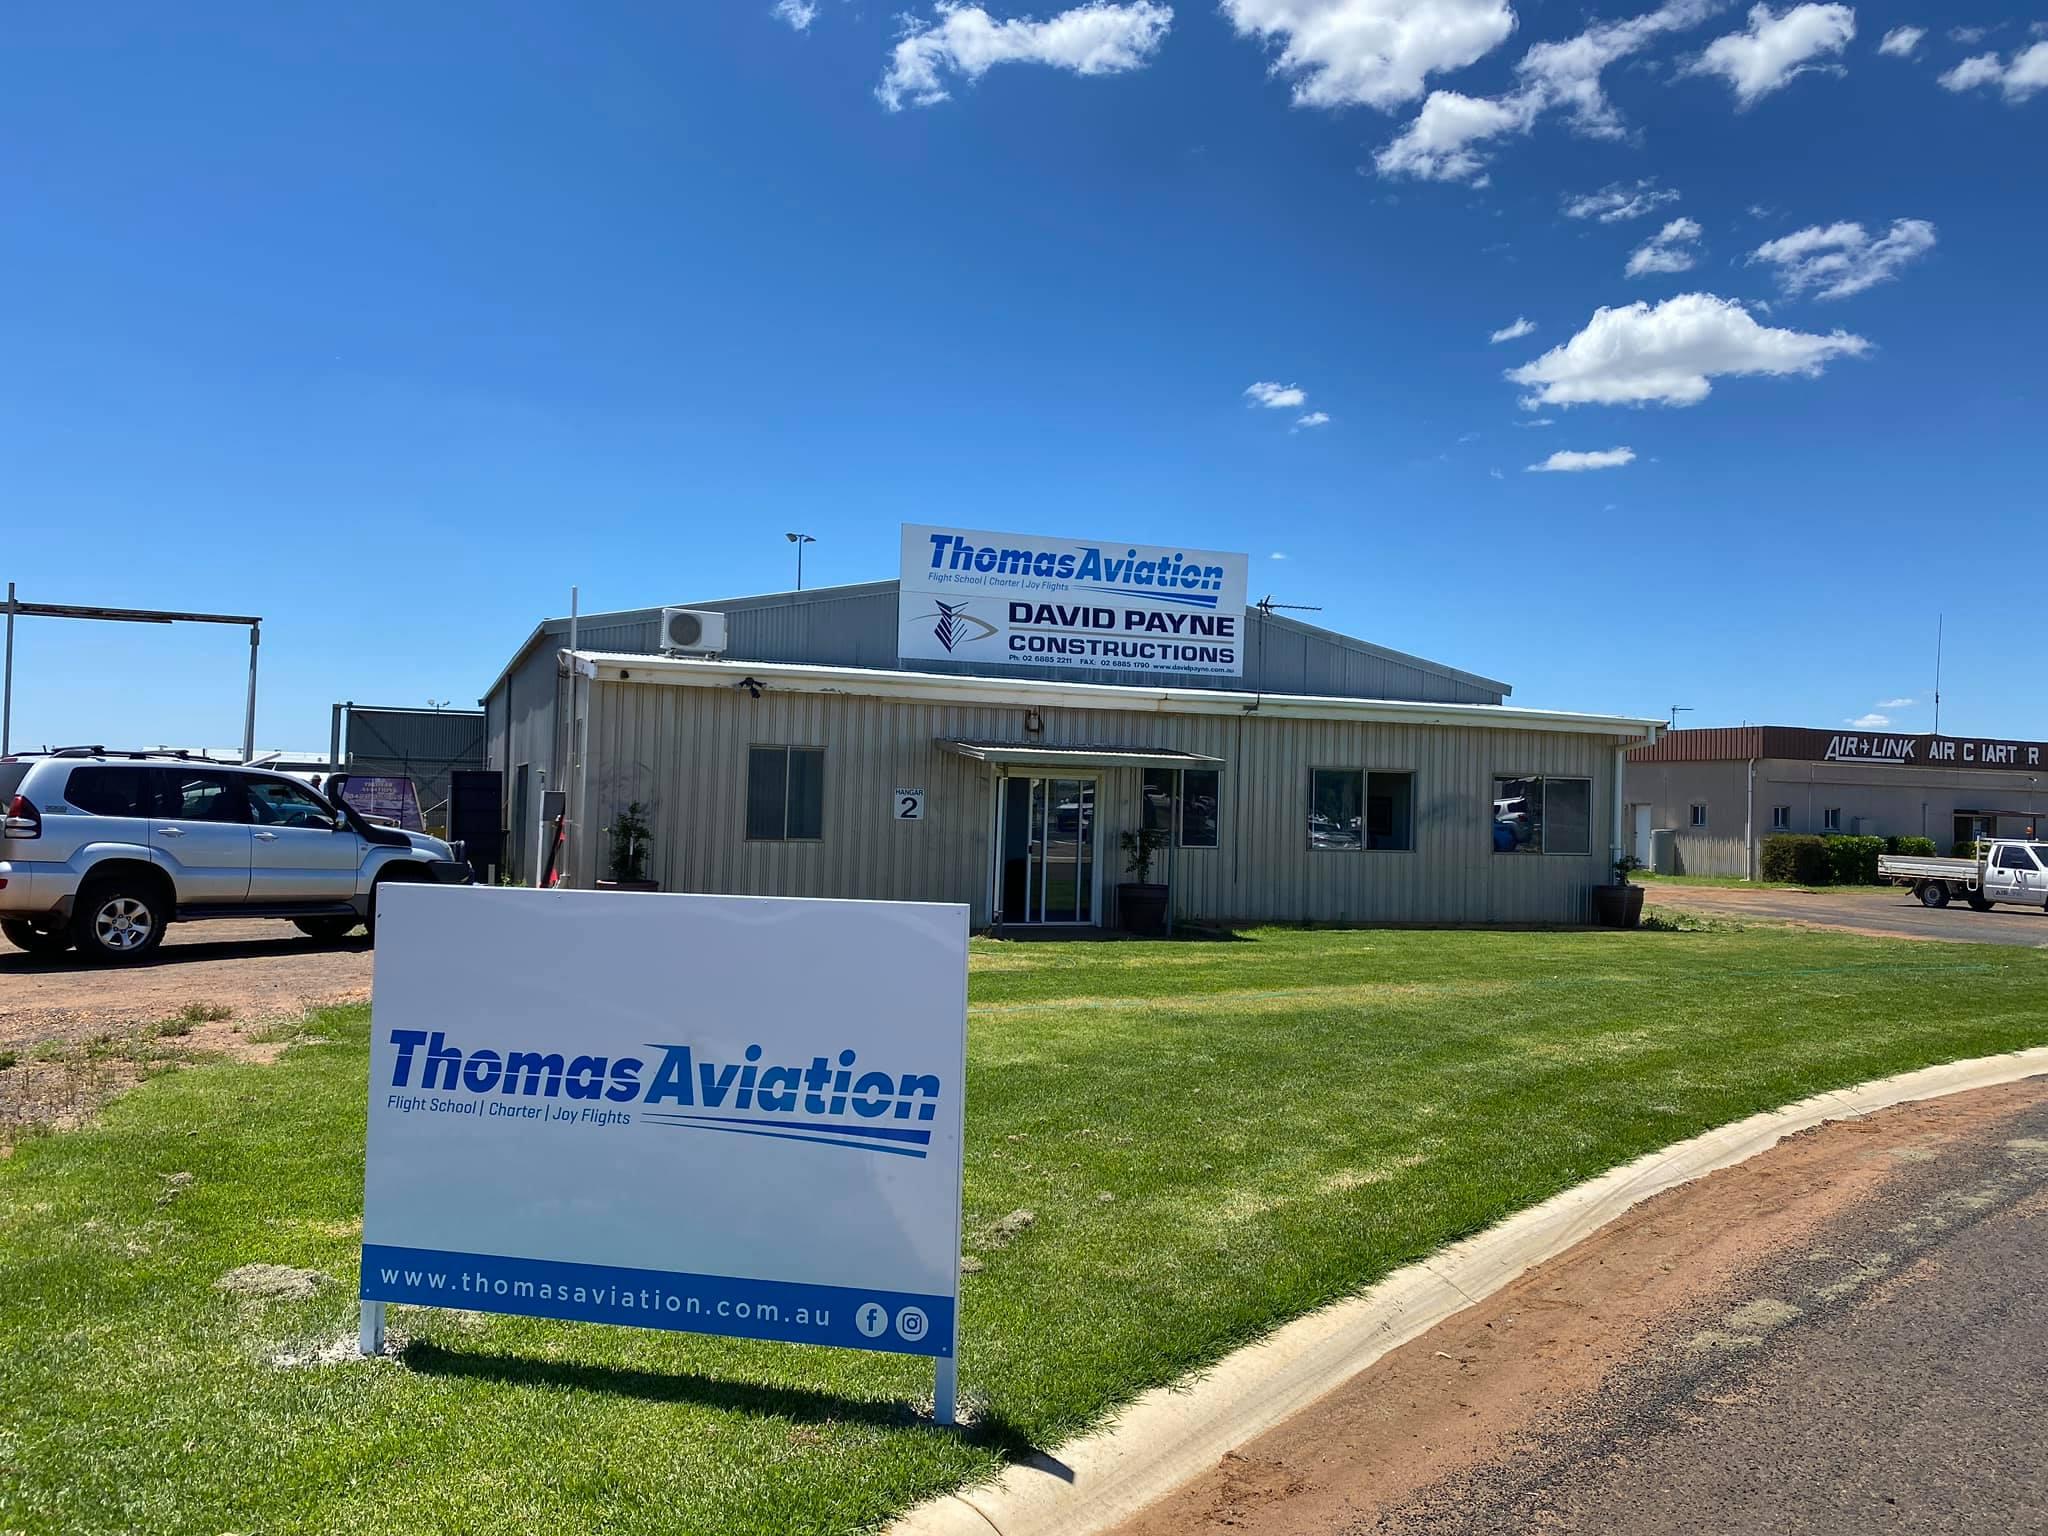 Thomas Aviation Dubbo